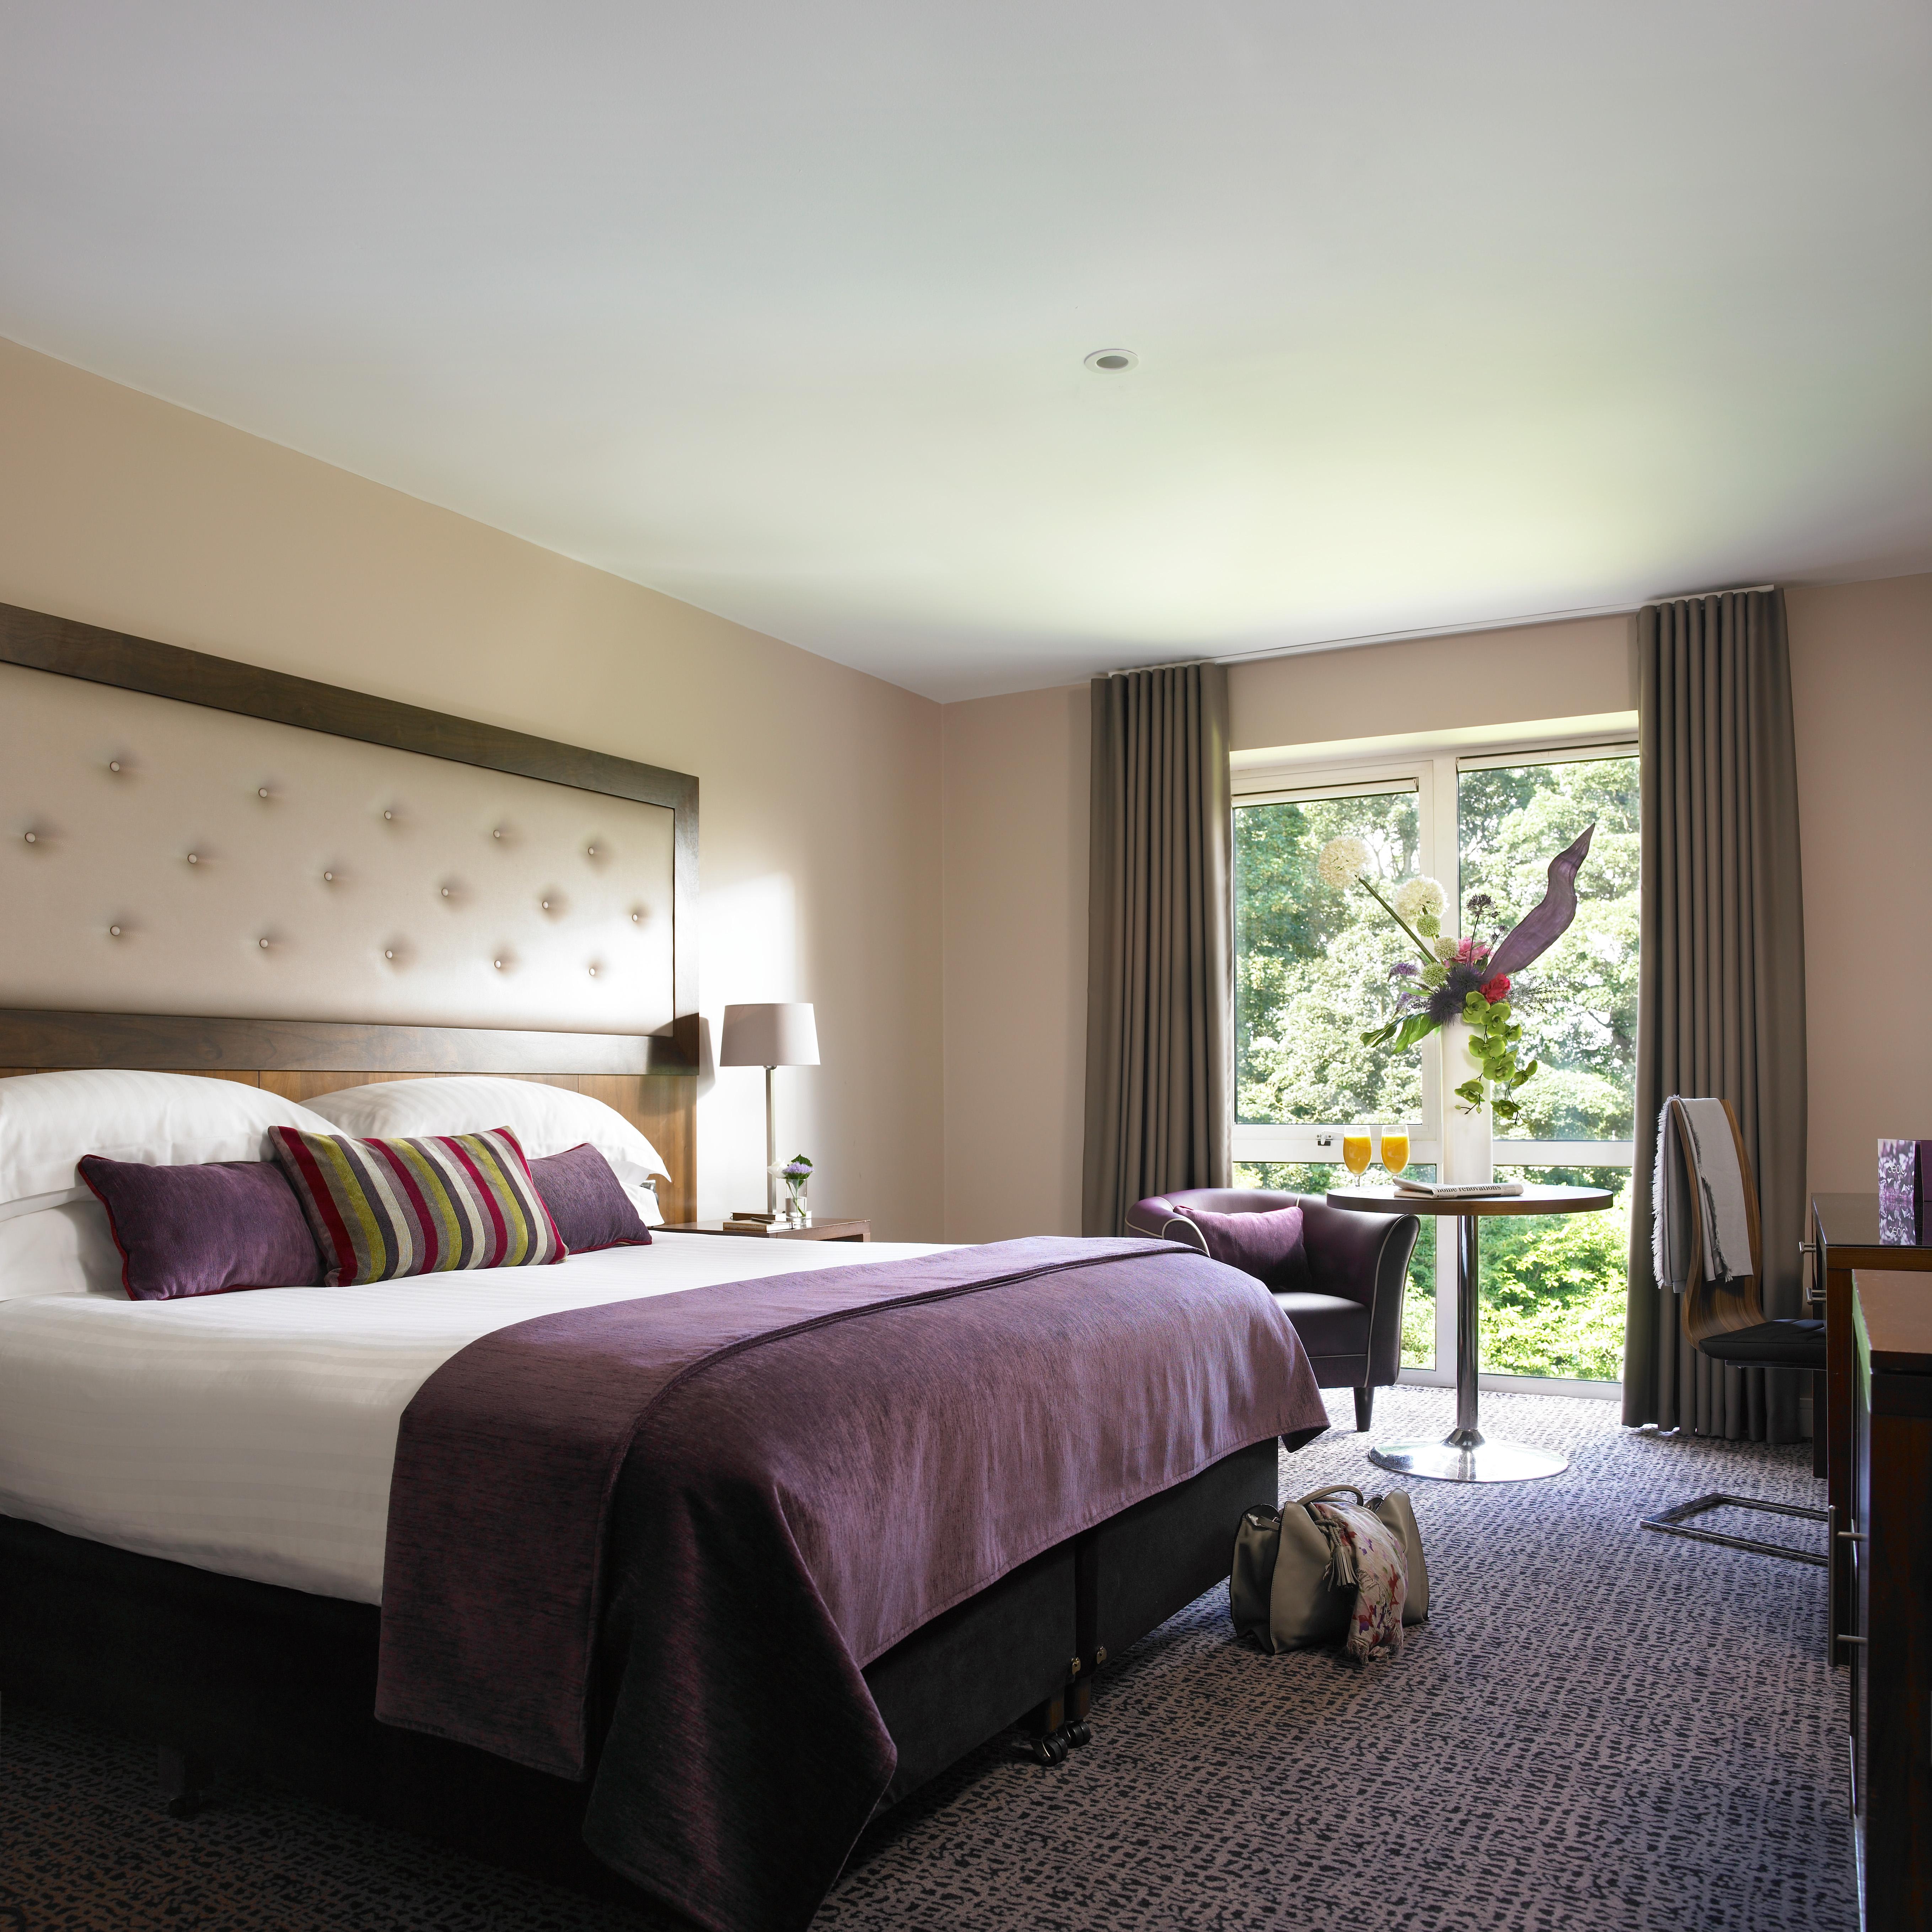 Deluxe Hotel Rooms Near Dublin Dunboyne Castle Hotel Amp Spa